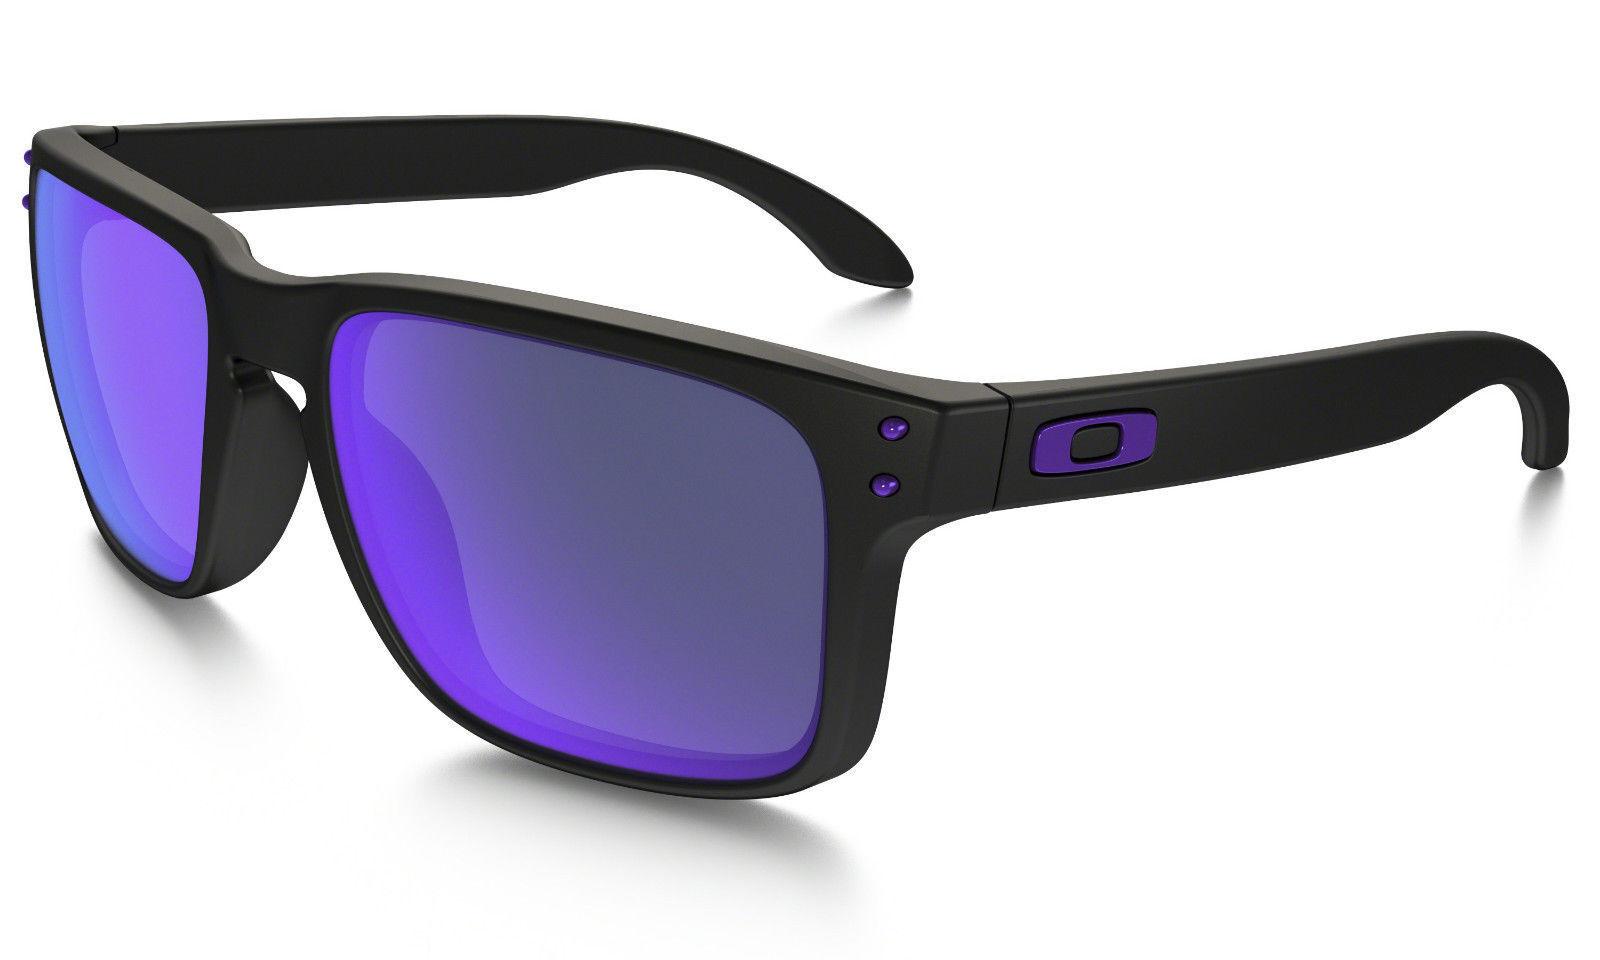 Oakley OO9102-26 Julian Wilson Holbrook Sunglasses - Matte Black   eBay 383a24268c